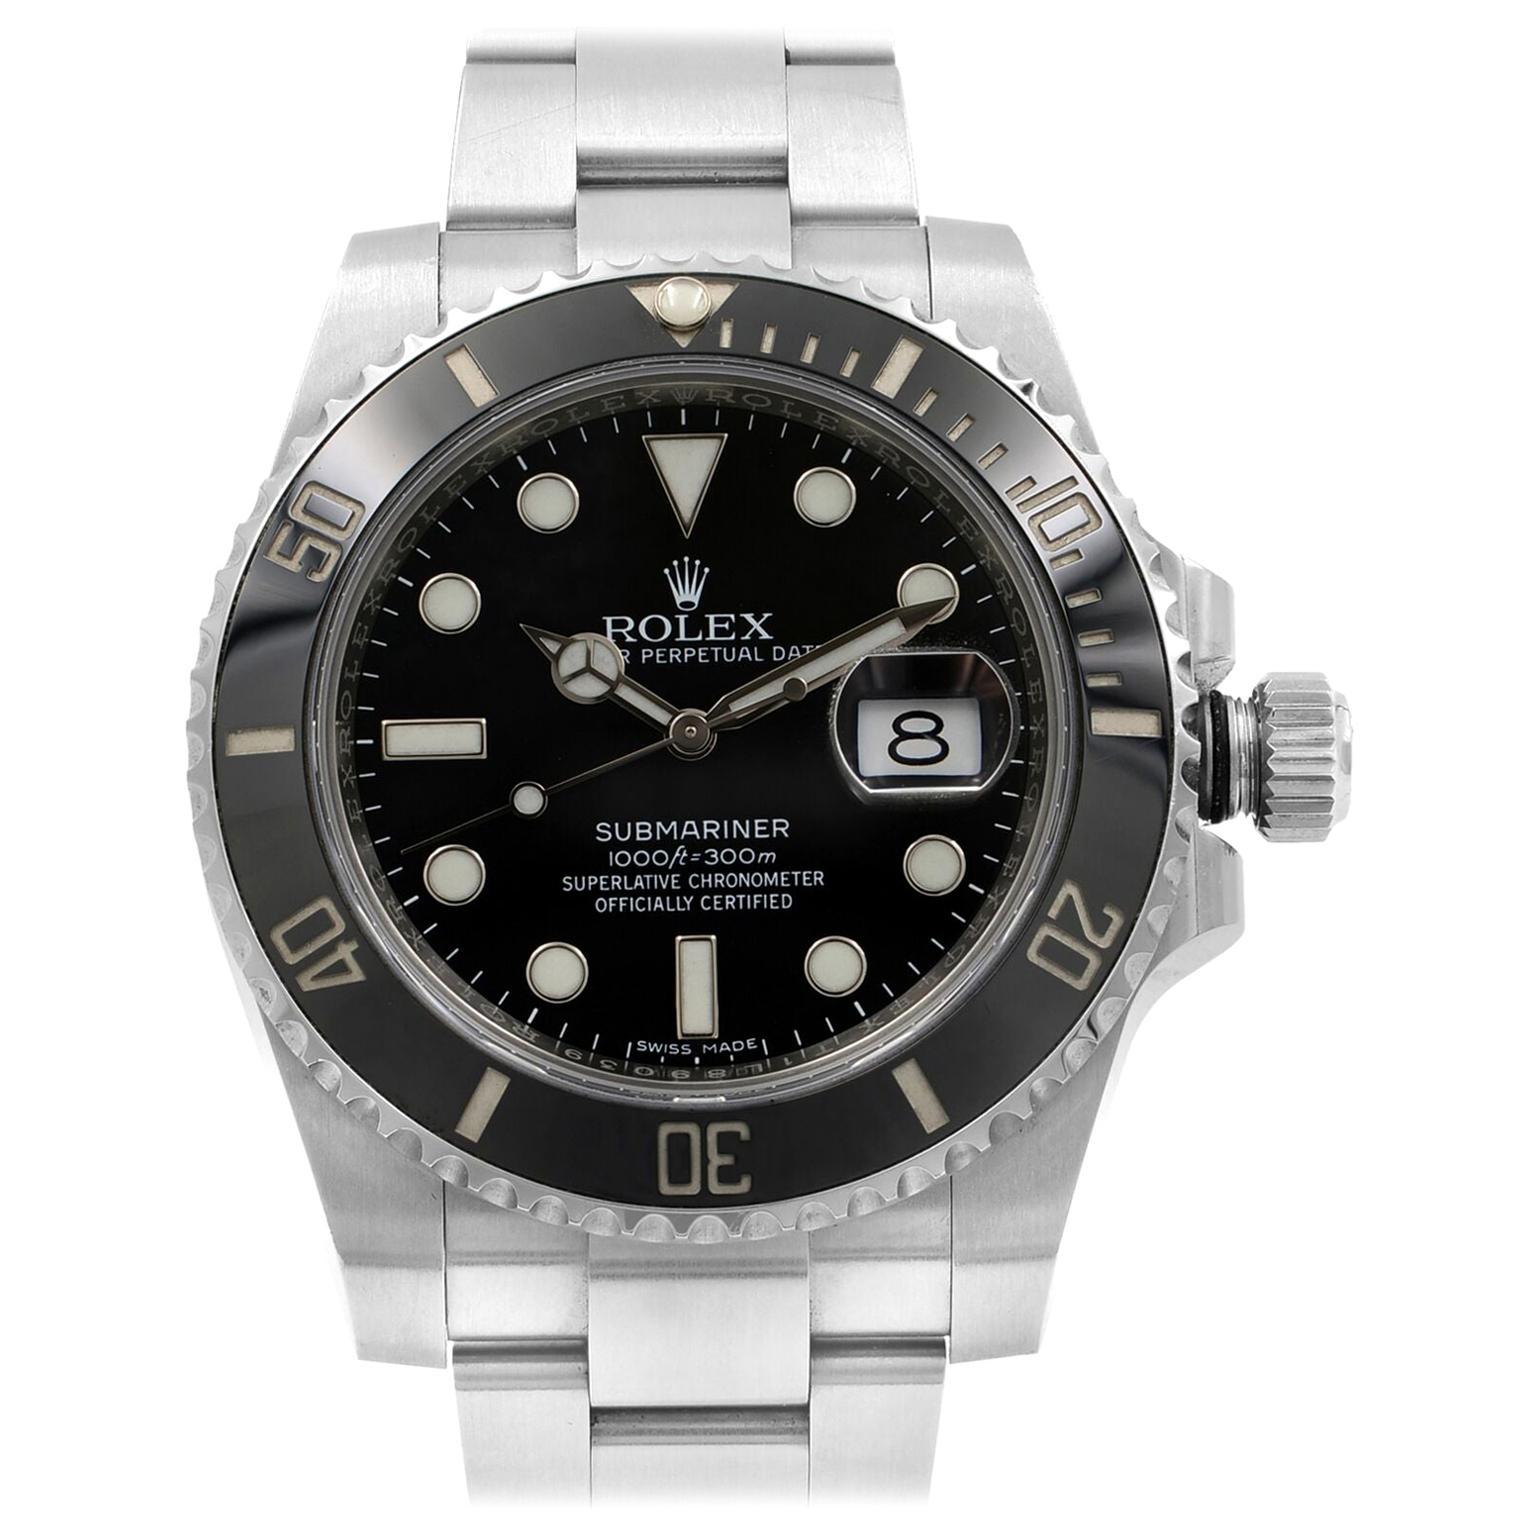 Rolex Submariner Date Black Dial Cerachrom Bezel Steel Men's Watch 116610LN